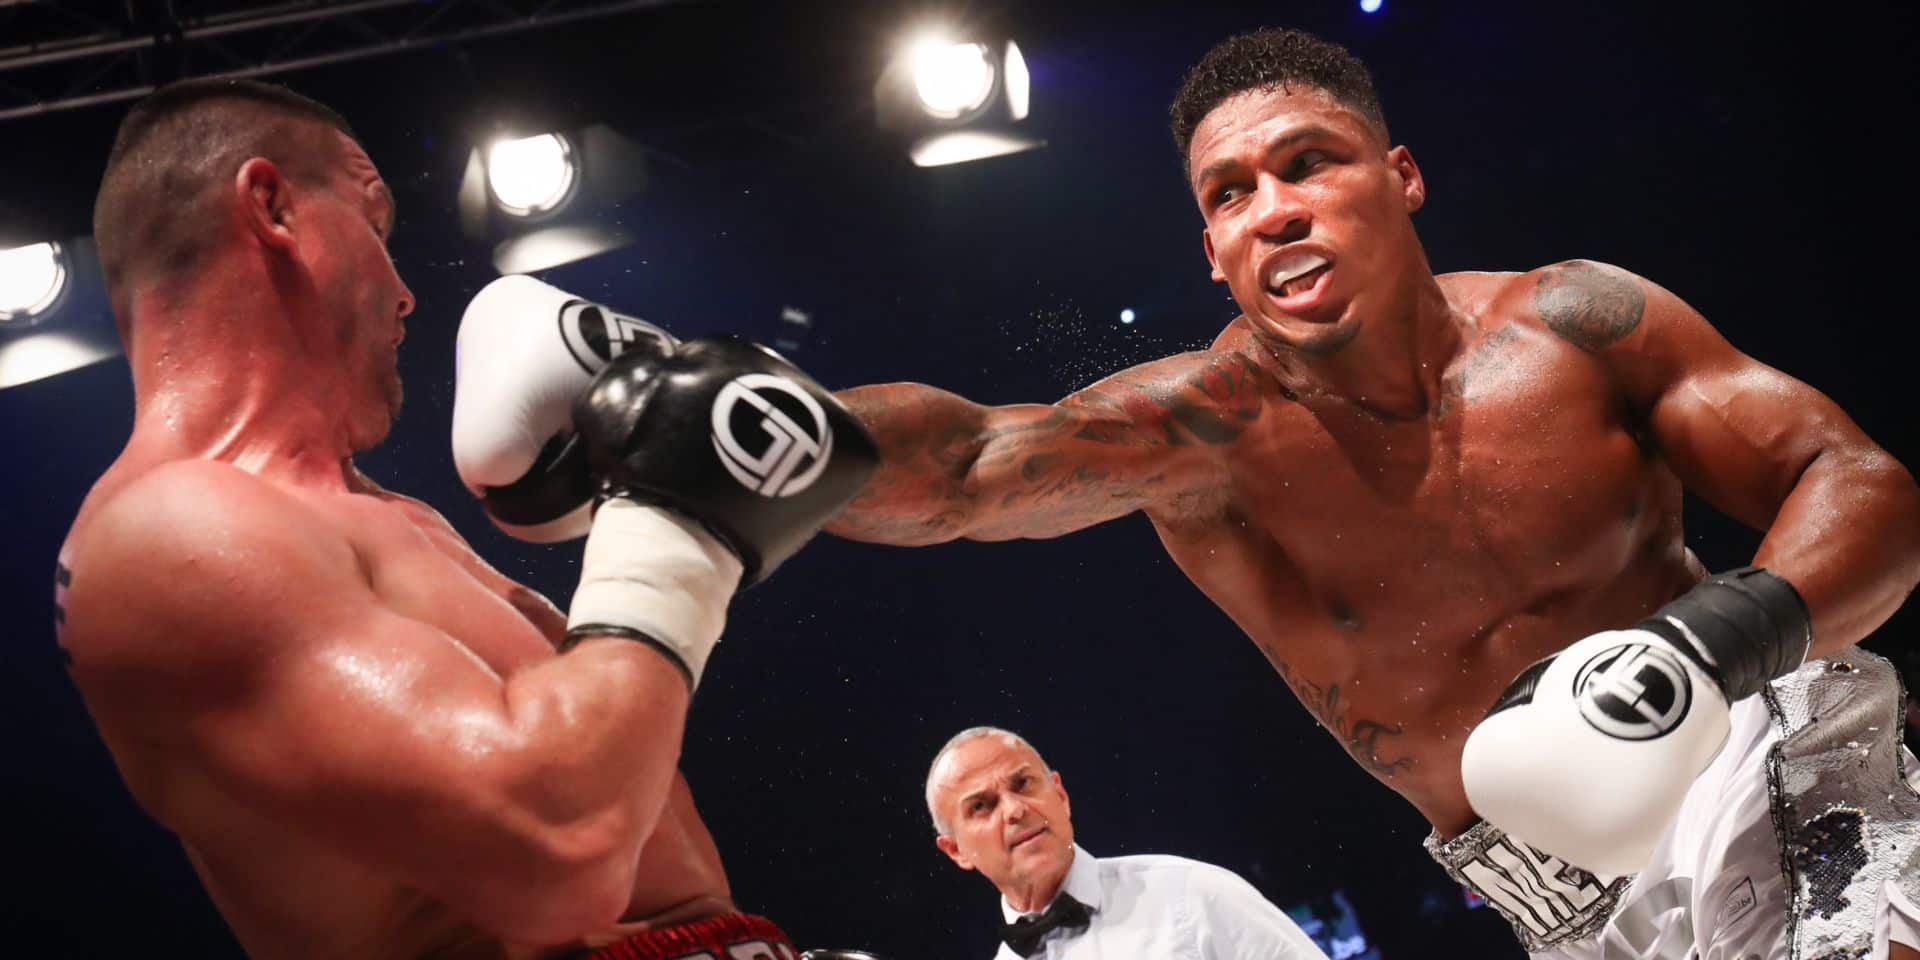 Boxe : Ryad Merhy n'affrontera pas Kevin Lerena le 12 décembre